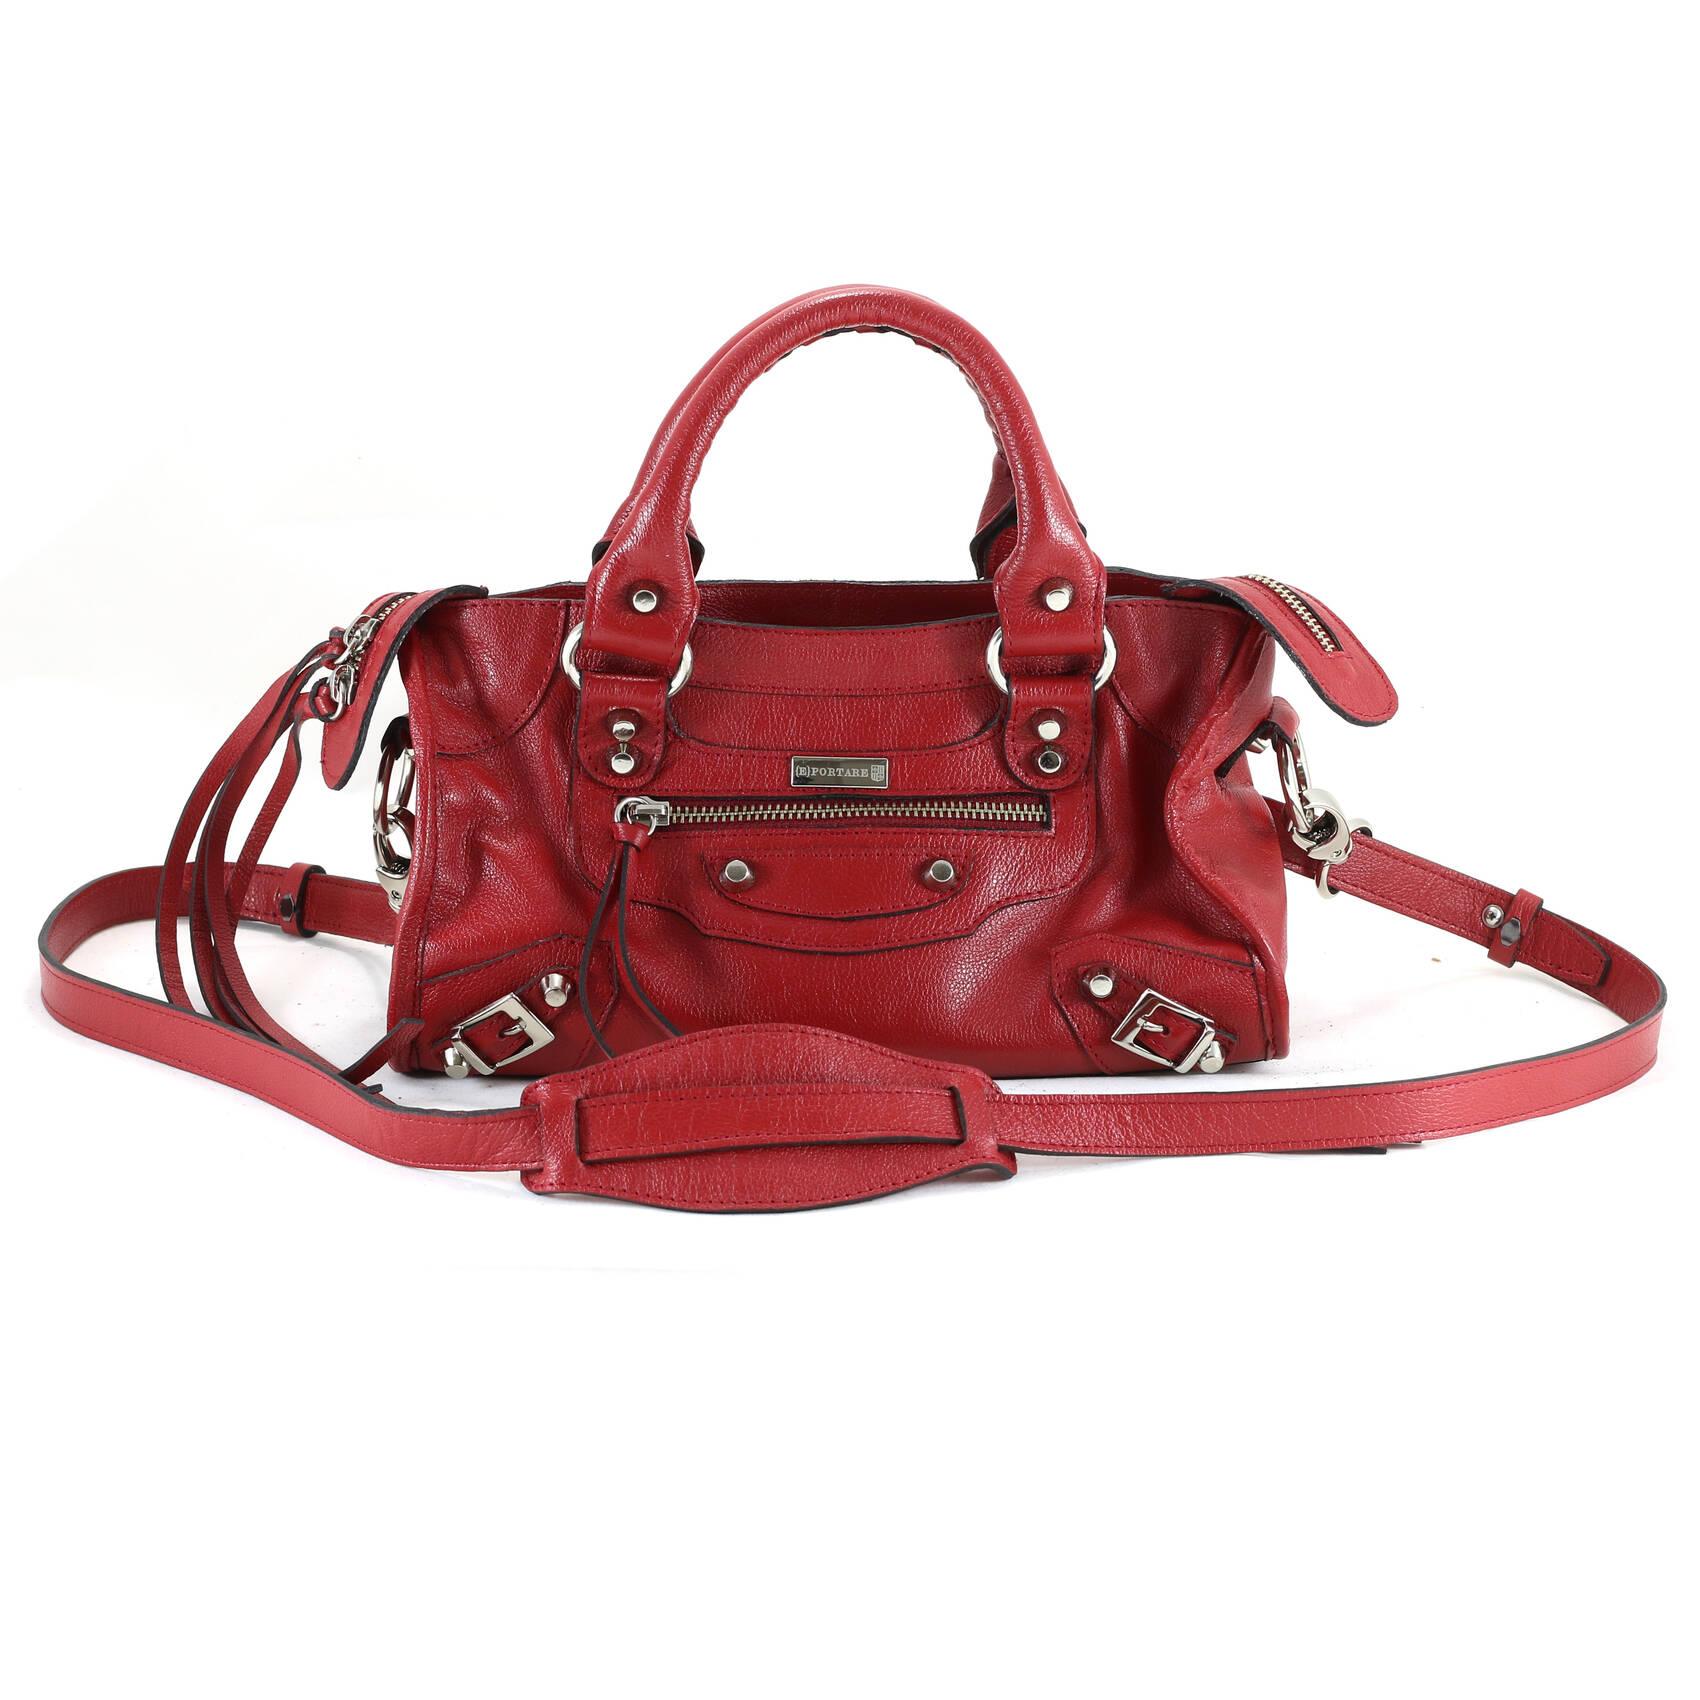 MINI BARCELONA Bolsa de couro vermelha